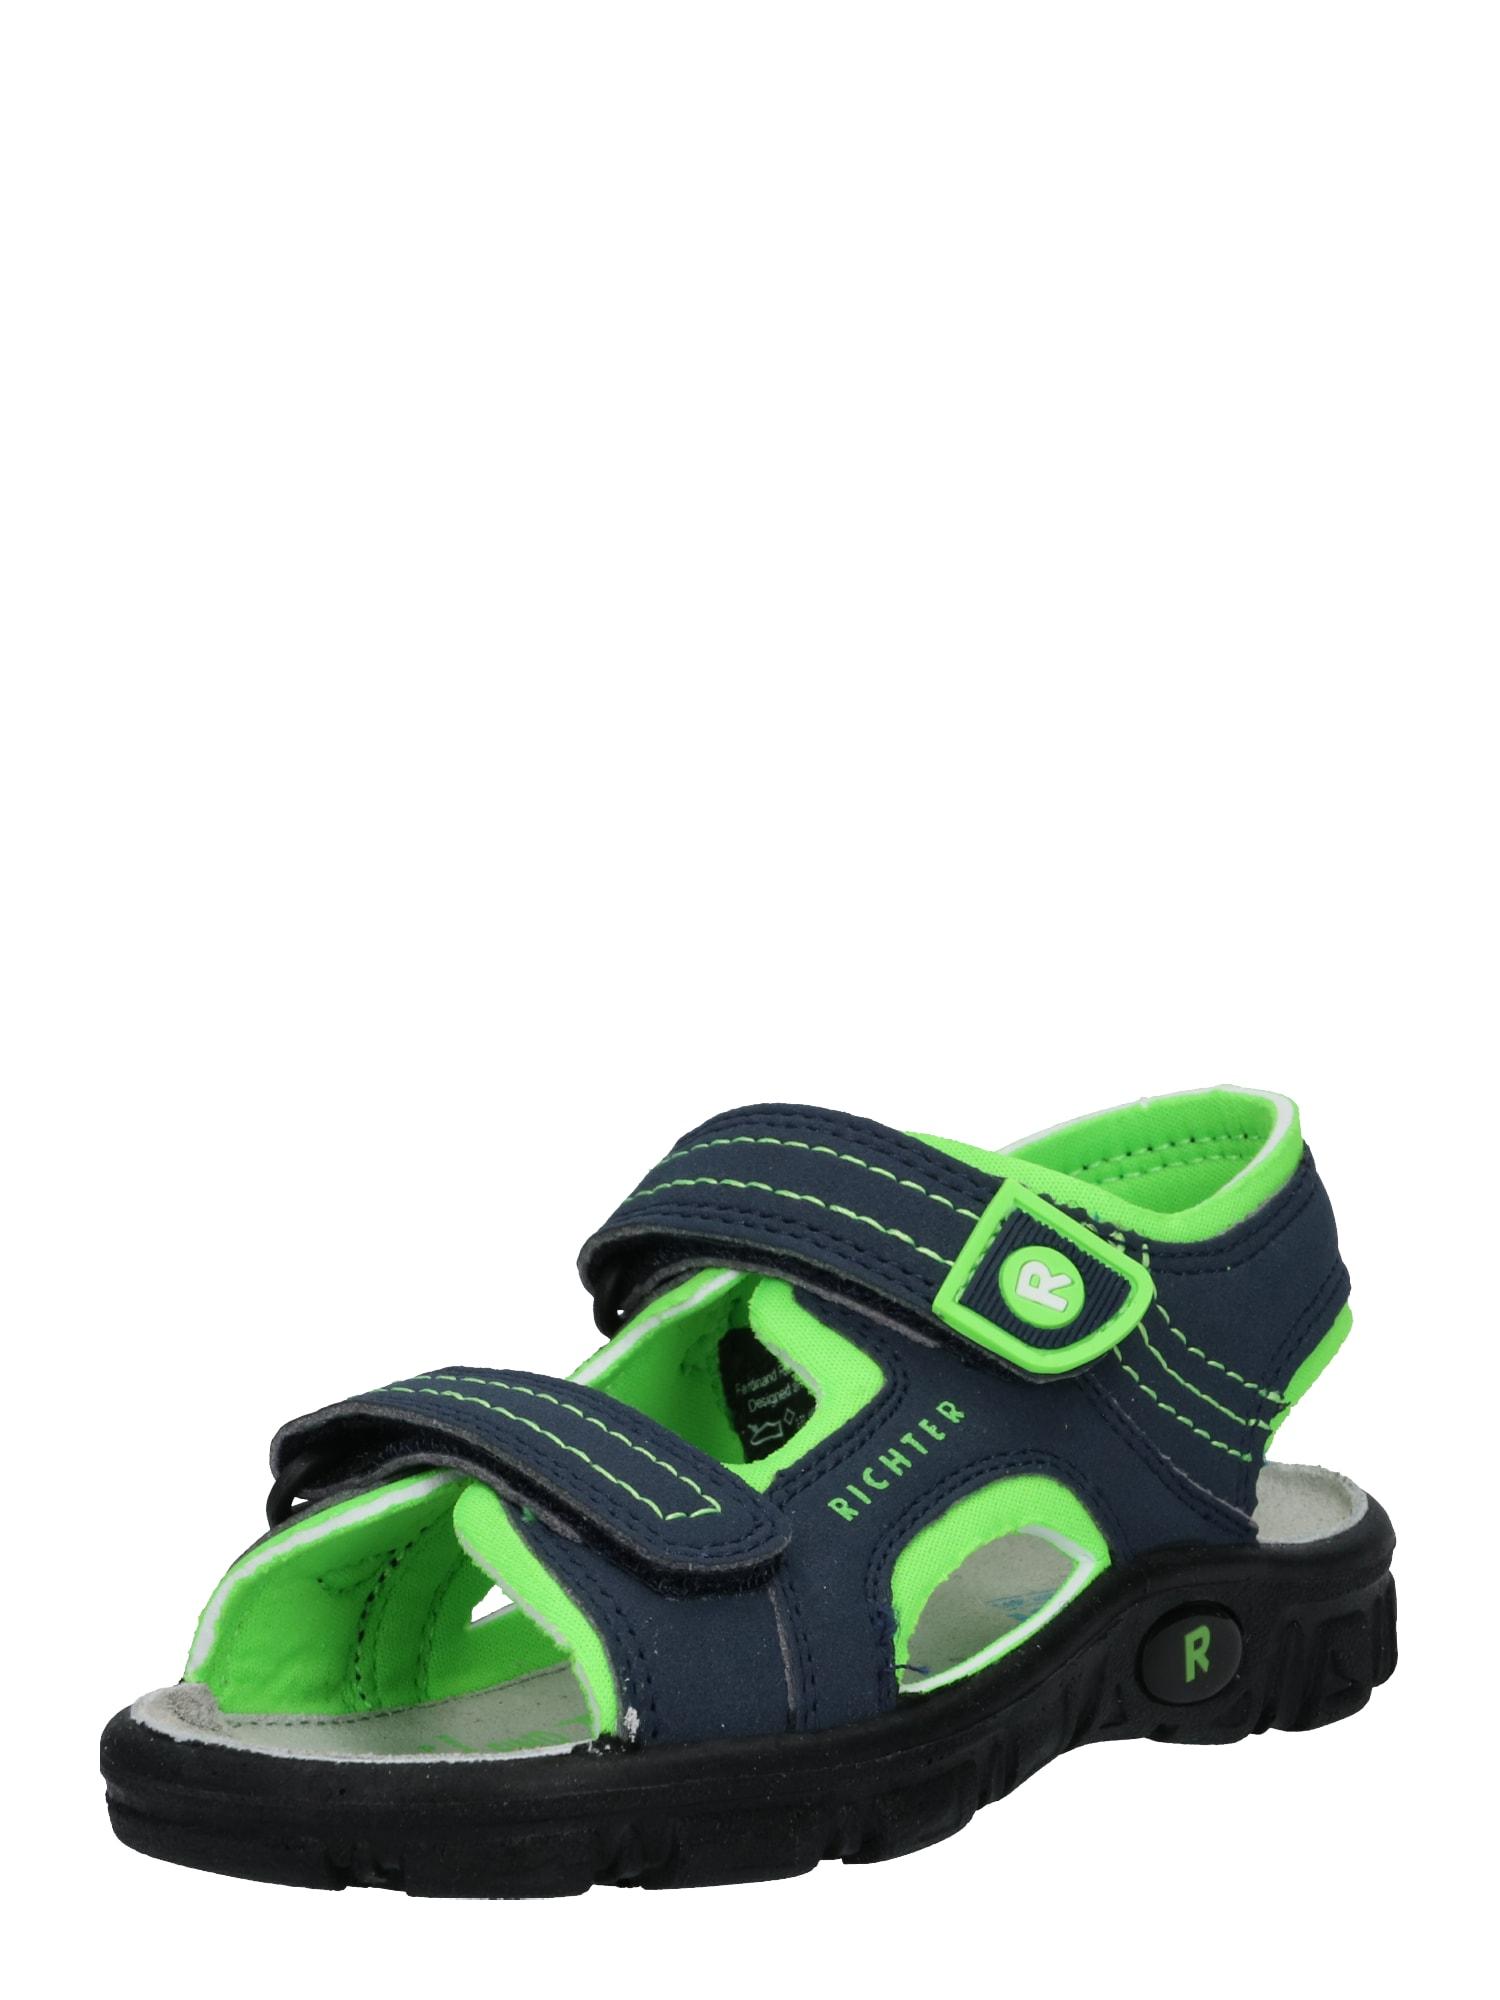 Otevřená obuv tmavě modrá svítivě zelená RICHTER